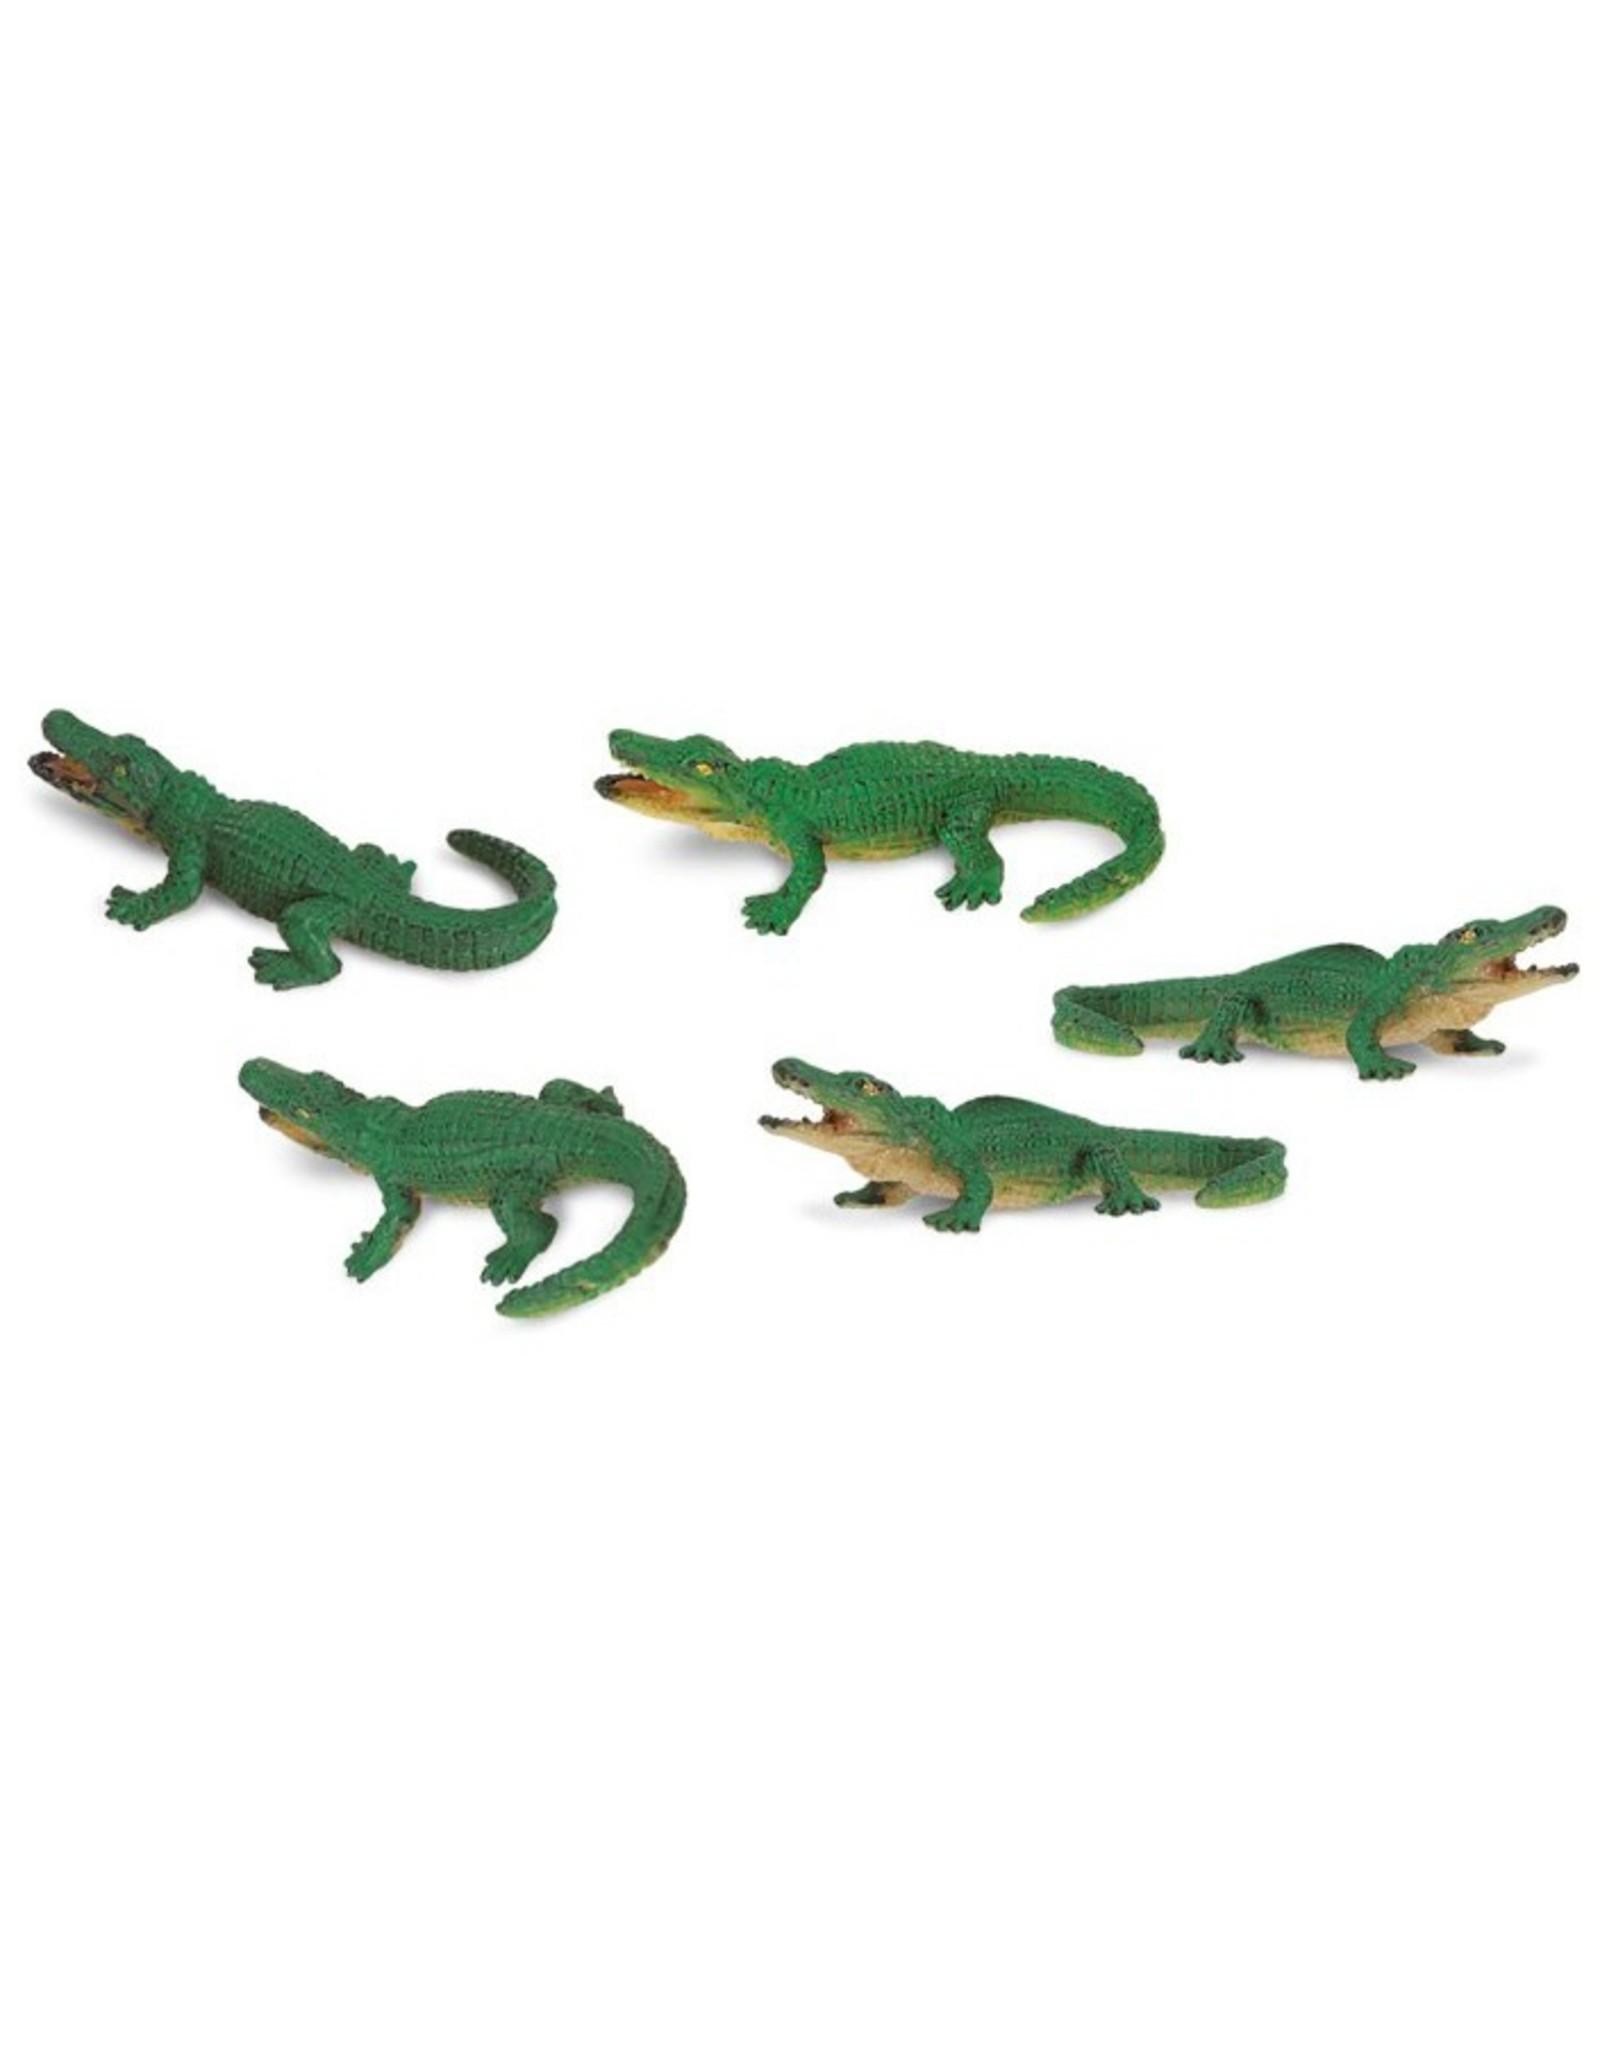 Goodluck mini - crocodiles